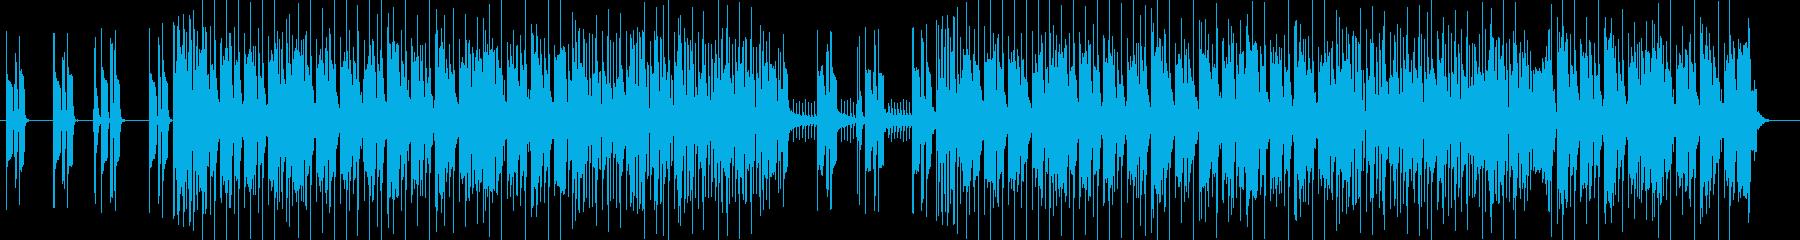 ミステリアス感のシンセサイザーサウンドの再生済みの波形